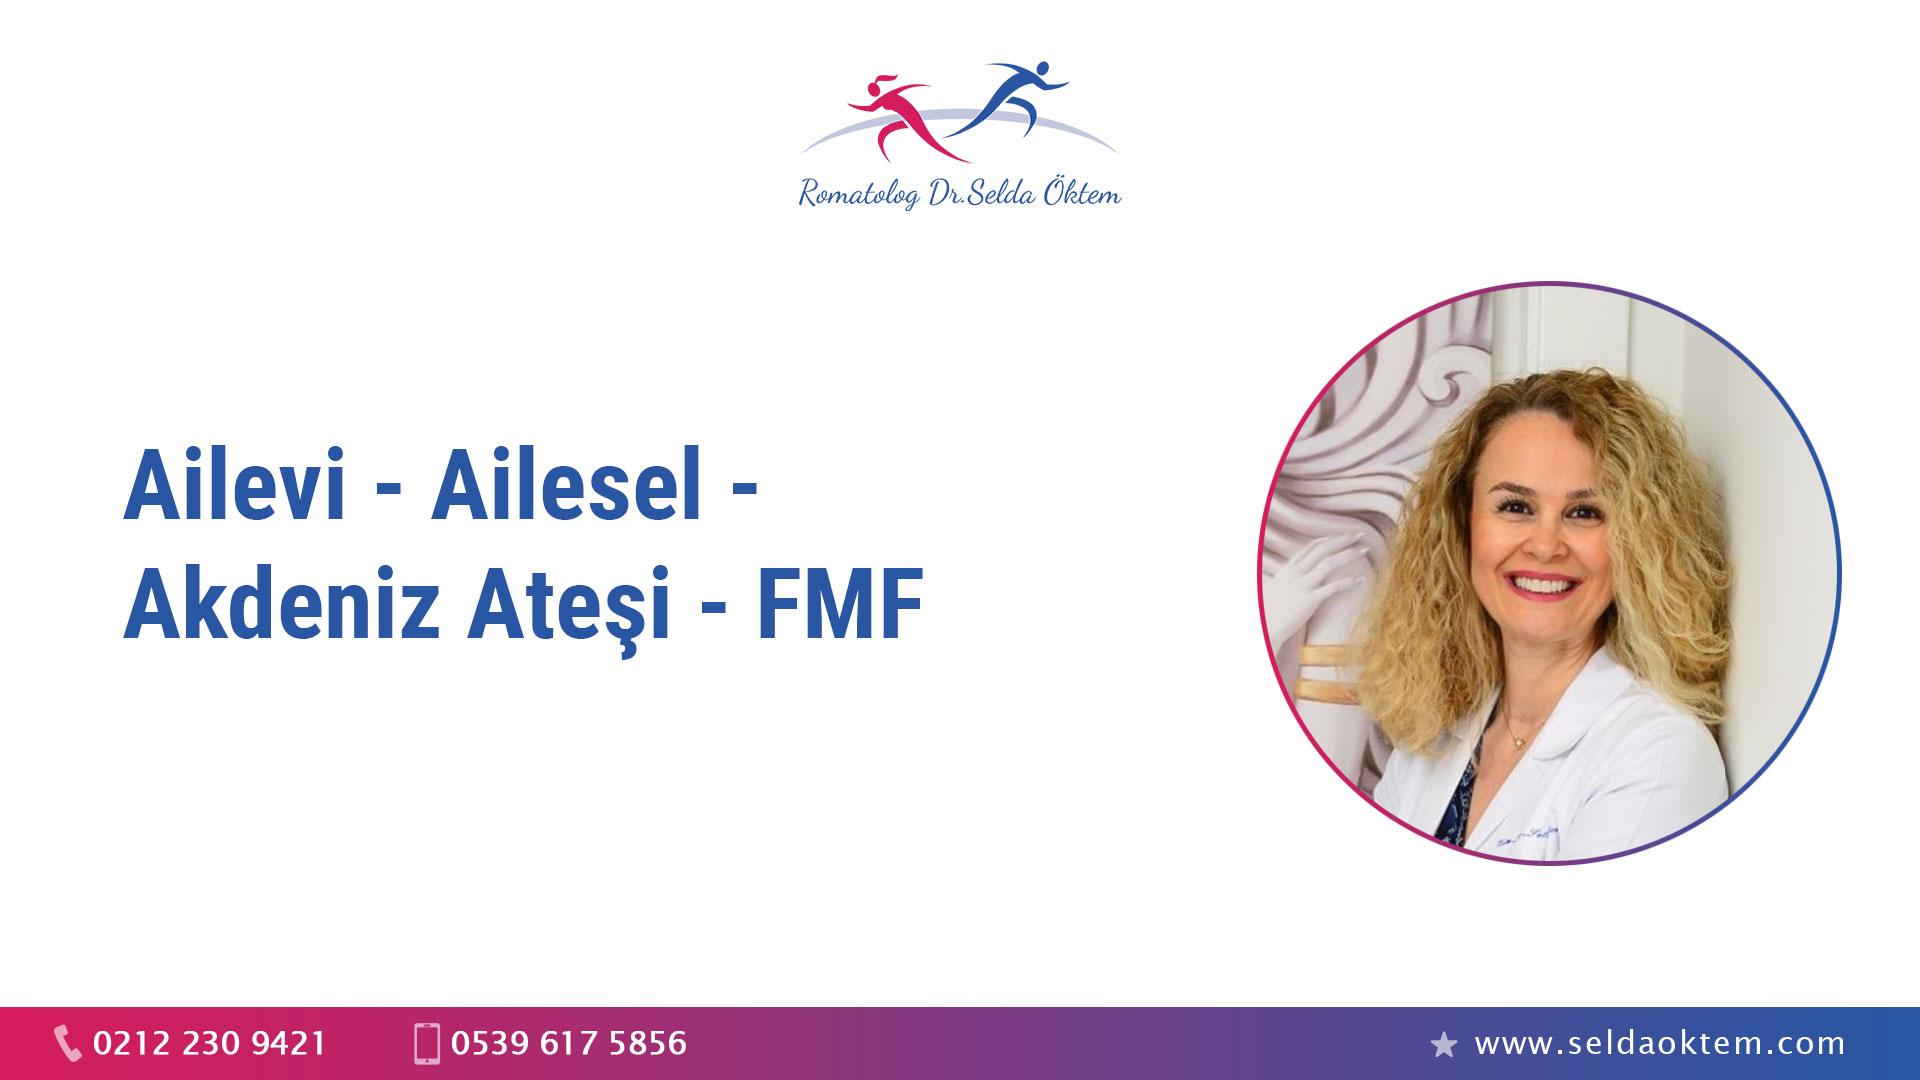 Ailevi - Ailesel - Akdeniz Ateşi - FMF